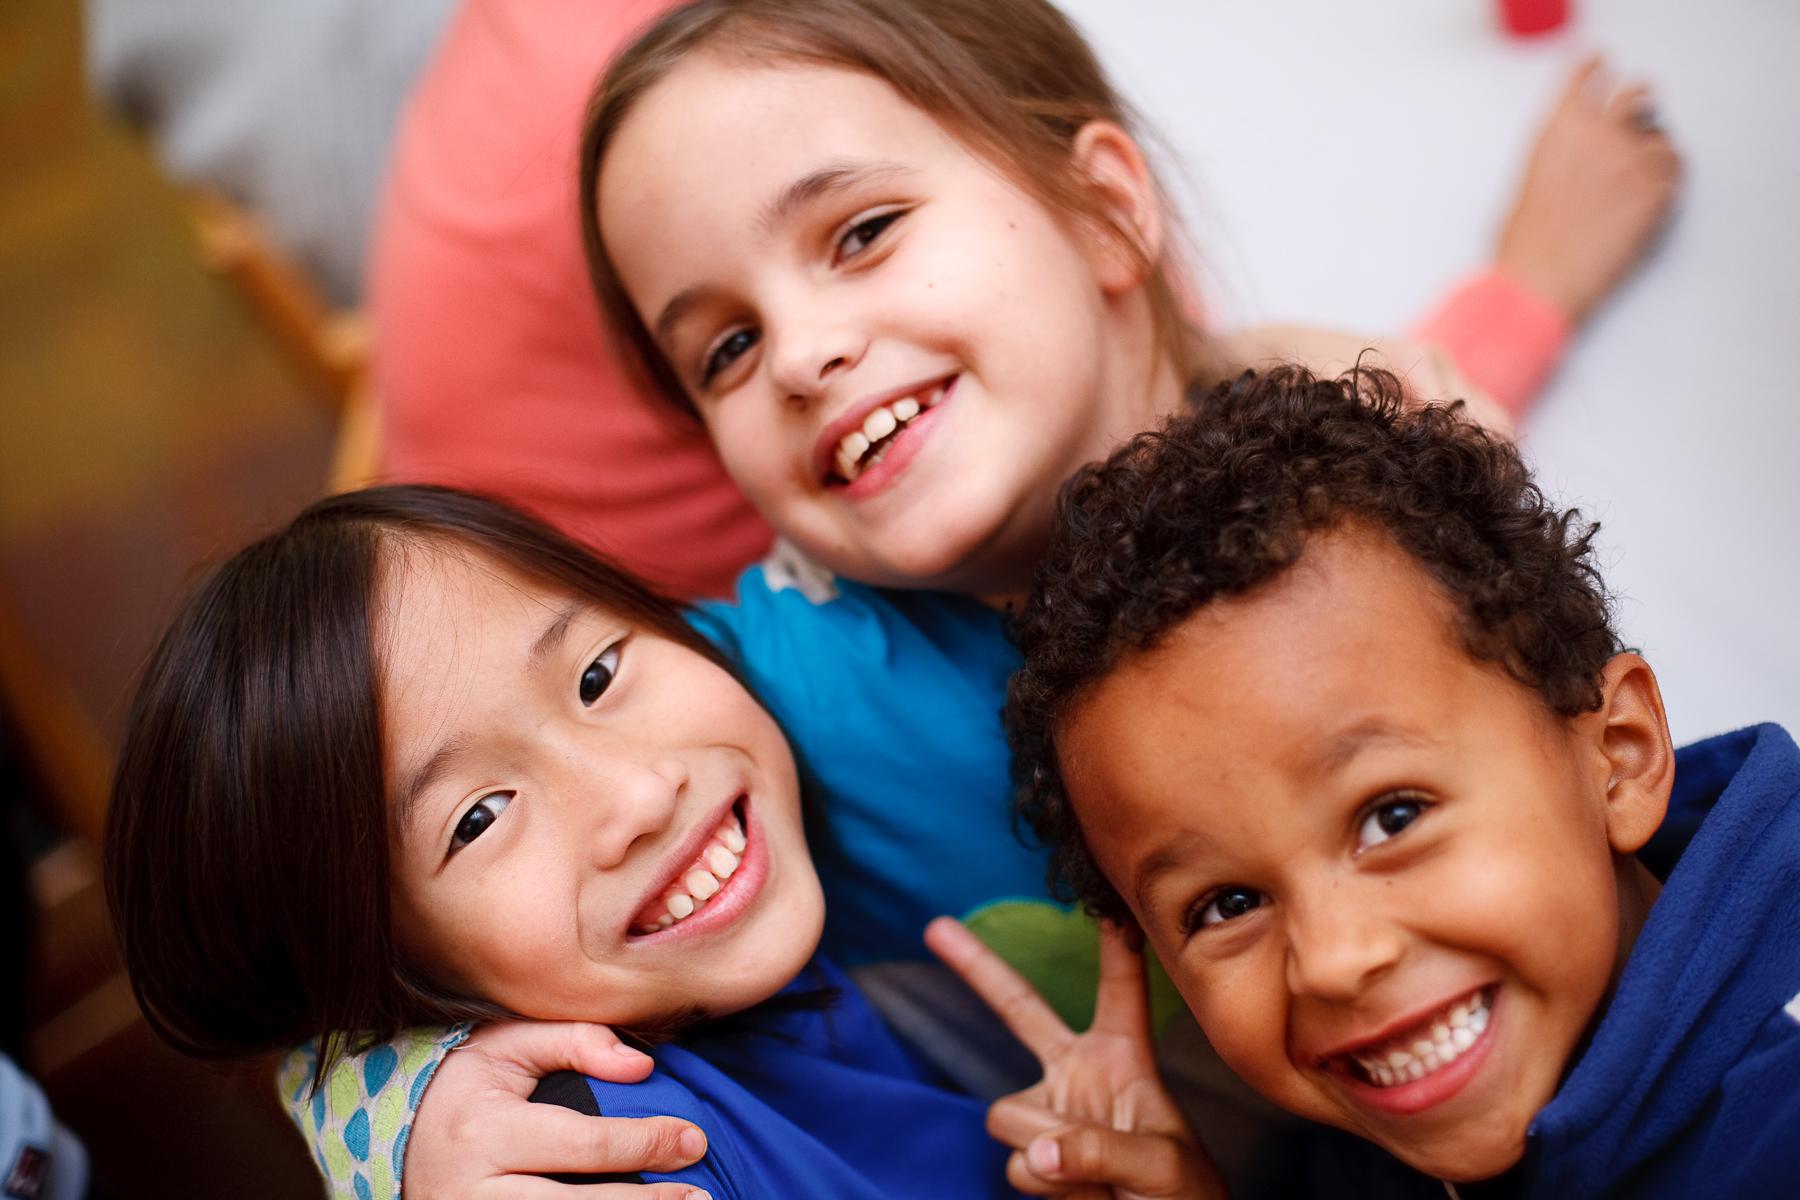 بالصور احدث صور للاطفال , اجمل لقطات لاحباب الله 405 4